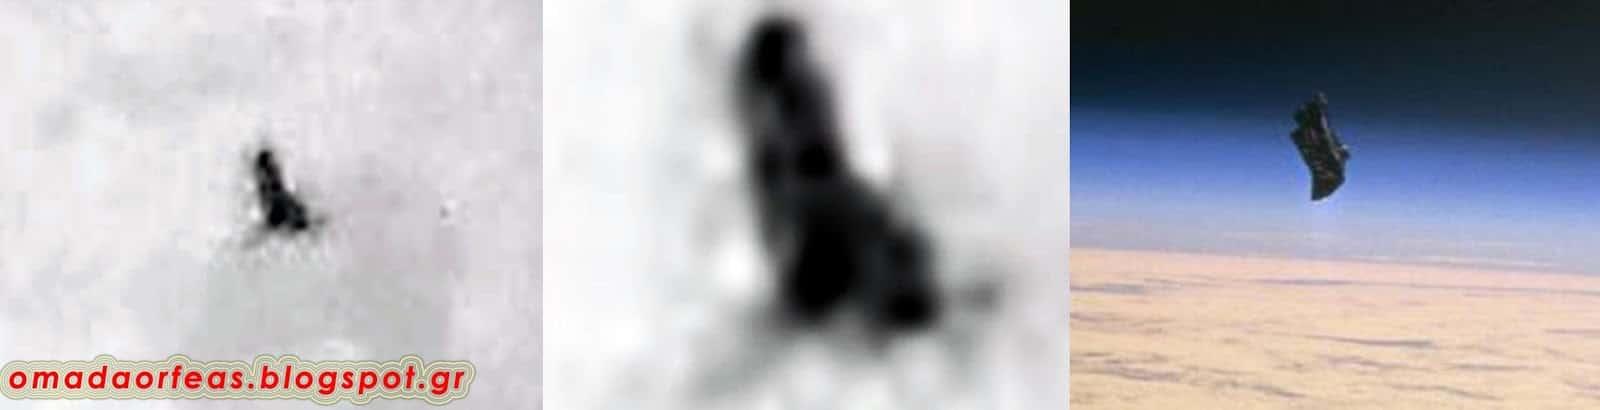 Ο «Μαύρος Ιππότης» και η Πρώτη Καταγραφή από την Ελλάδα (εικόνες)